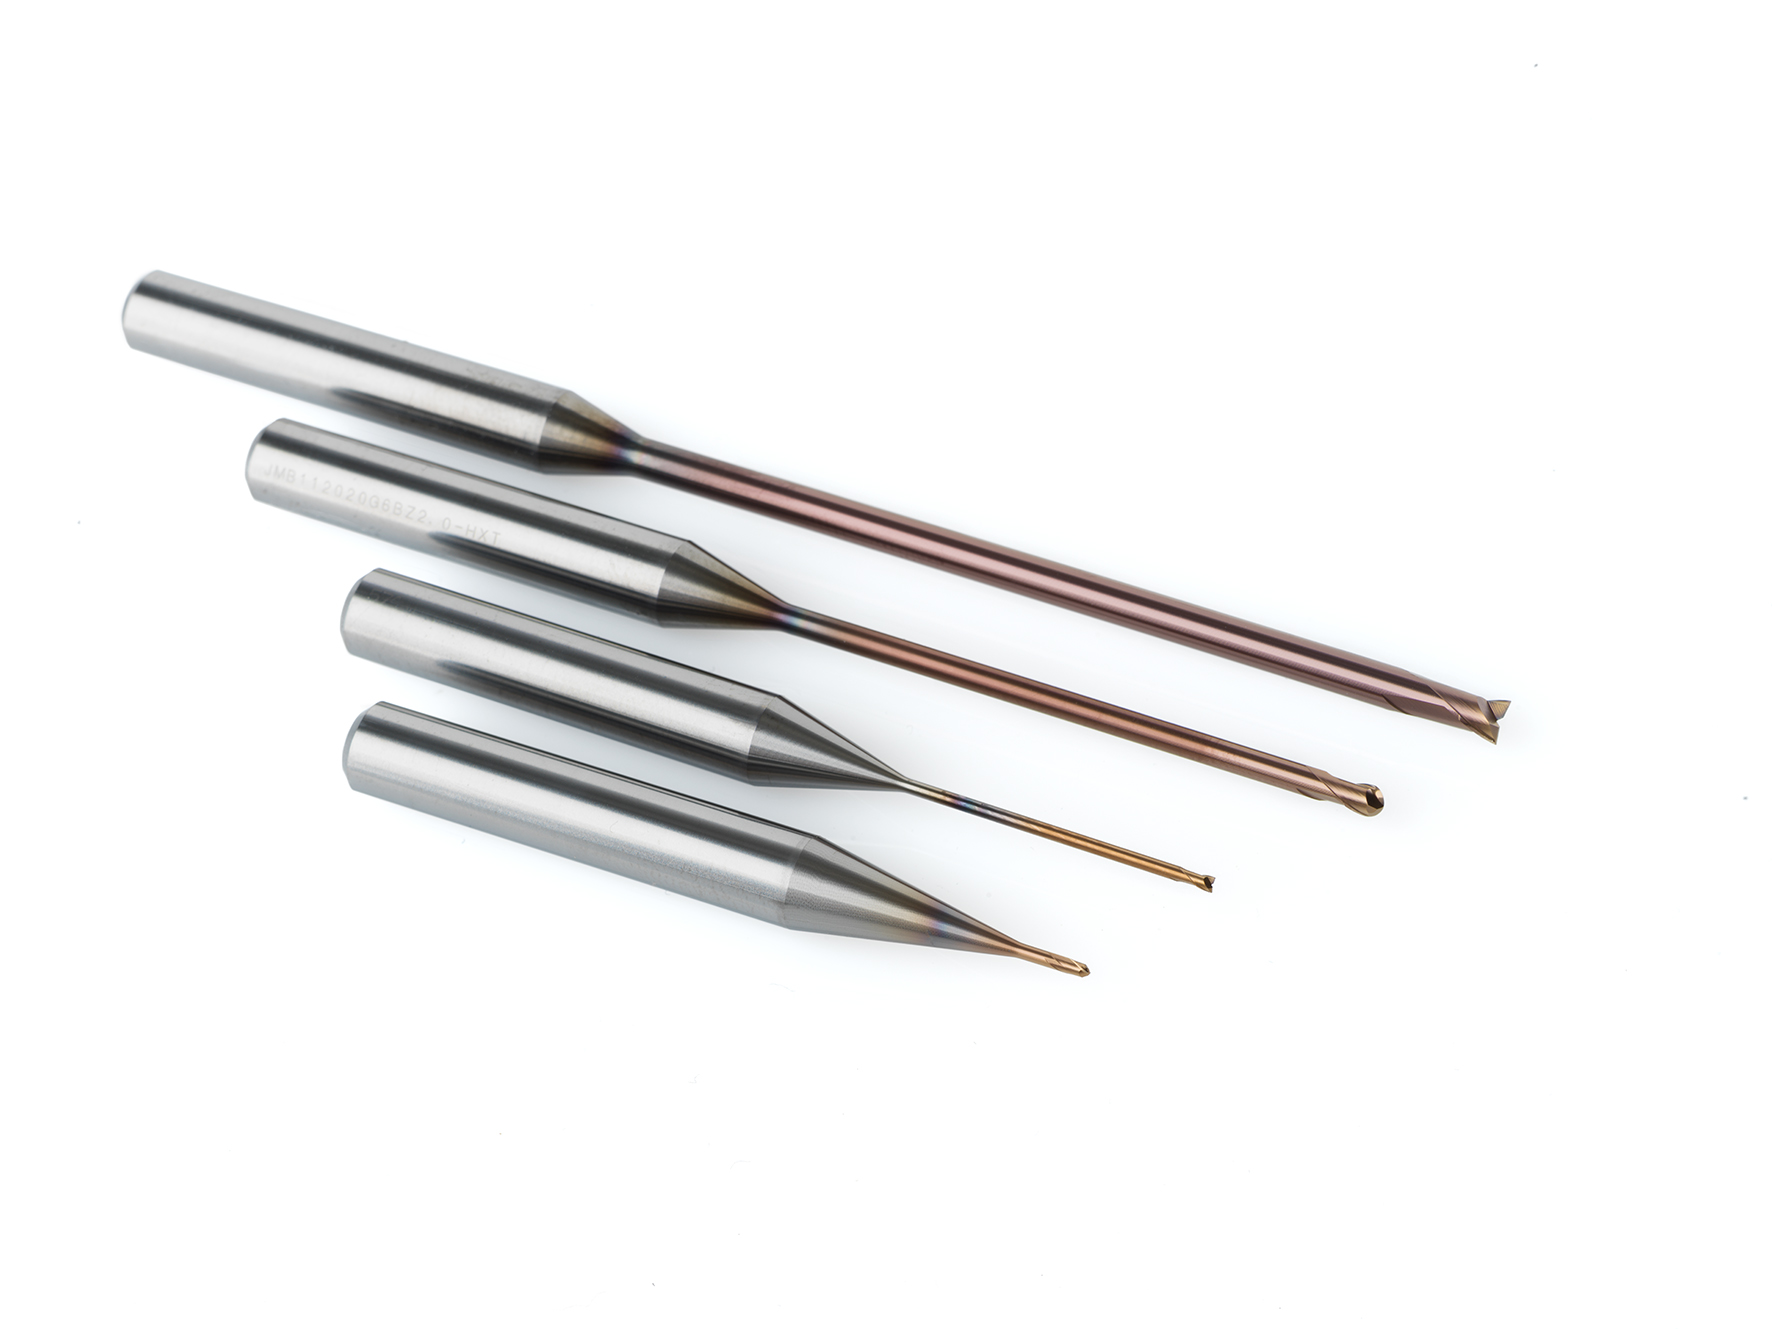 Gama de fresas de metal duro Mini de Seco: precisión en pequeñas herramientas